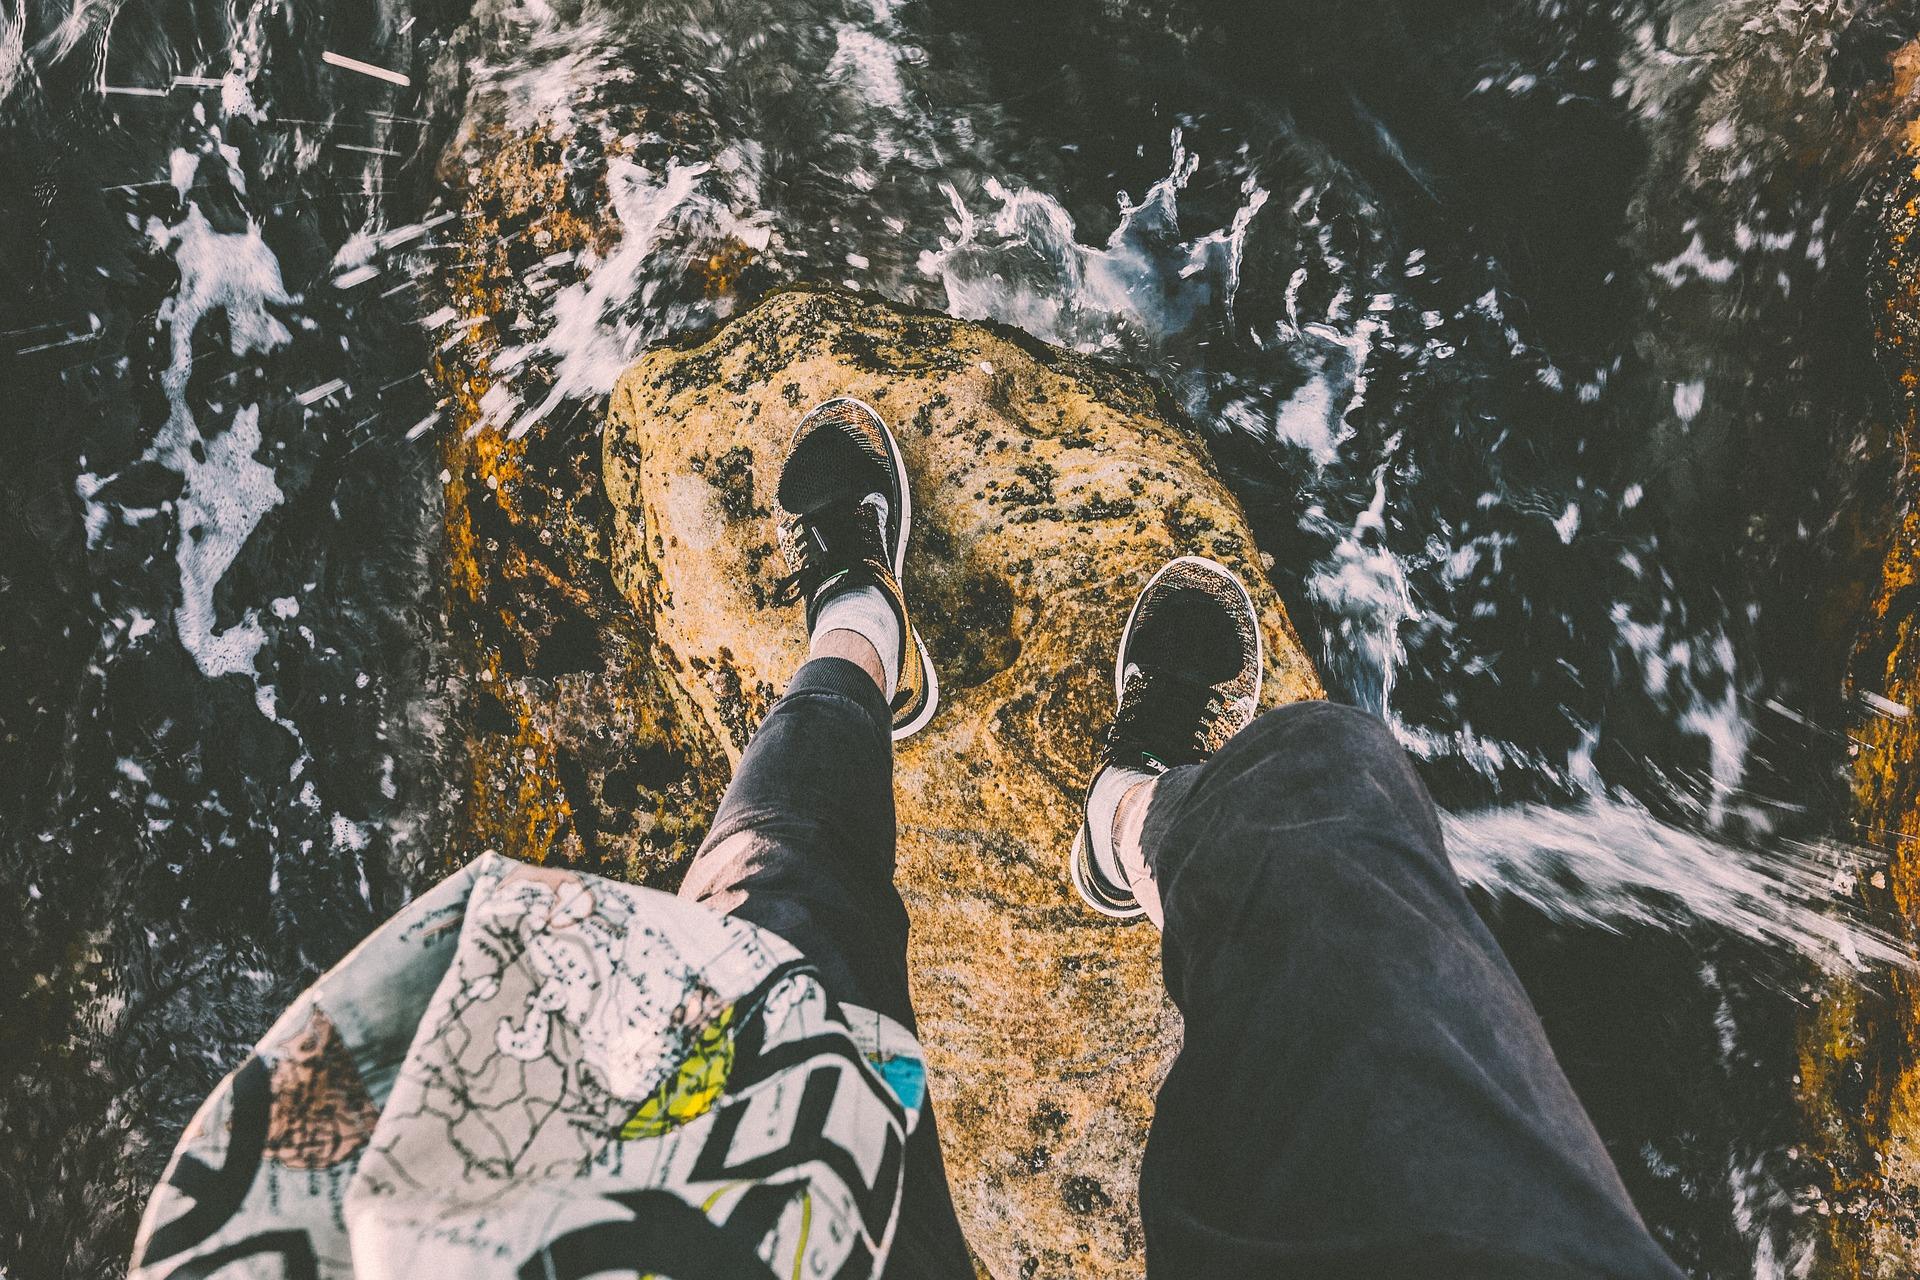 石头, 双脚, 道路, 悬崖, 女人, 水, 海 - 高清壁纸 - 教授-falken.com